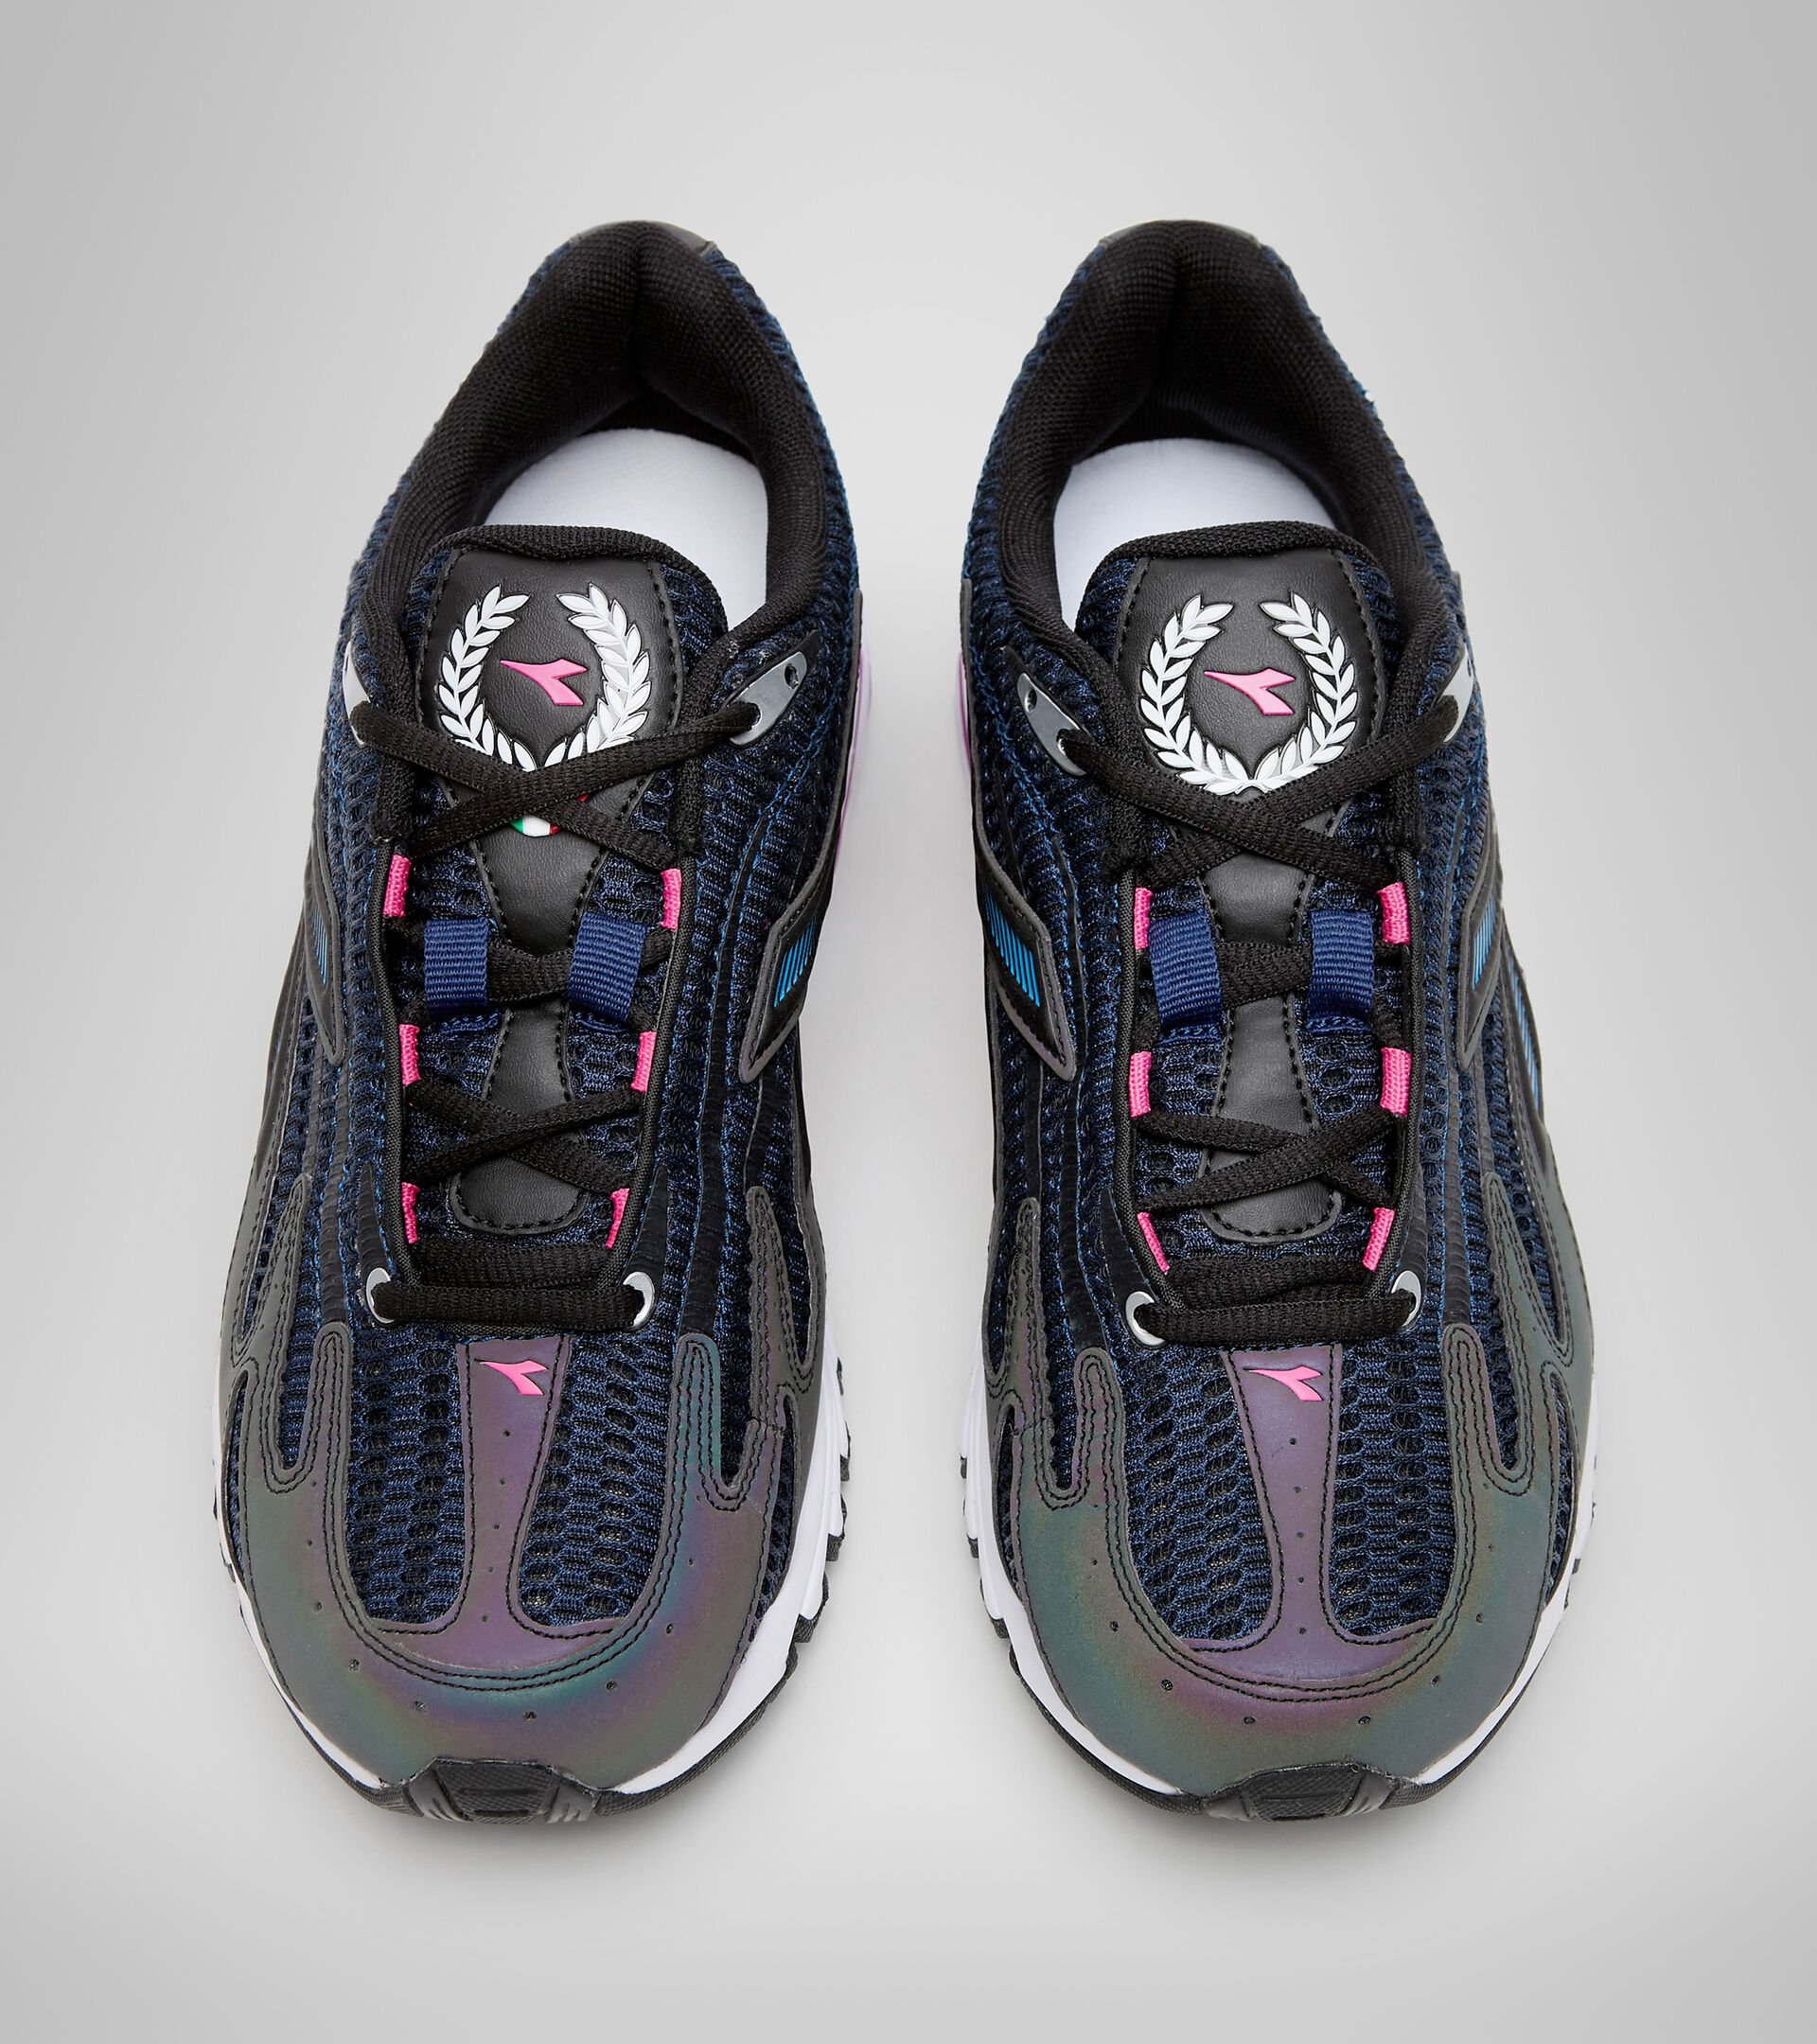 Footwear Sportswear UNISEX MYTHOS PROPULSION 280 SINTH BLU MAR CASPIO Diadora